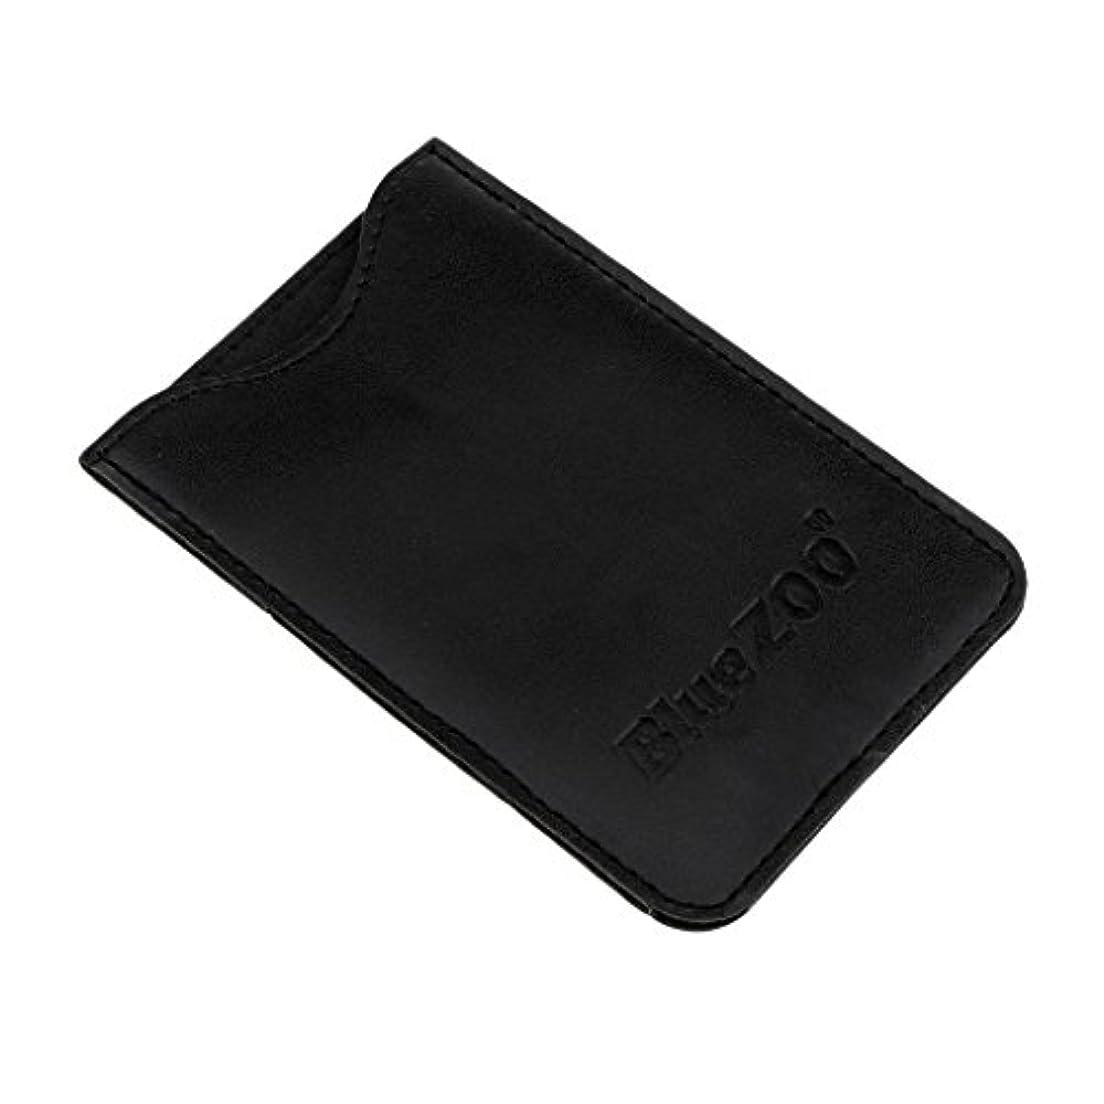 風邪をひく思い出させる移住するPUレザー バッグ 収納ケース 保護カバー 櫛/名刺/IDカード/銀行カード 収納パック 便利 全2色 - ブラック